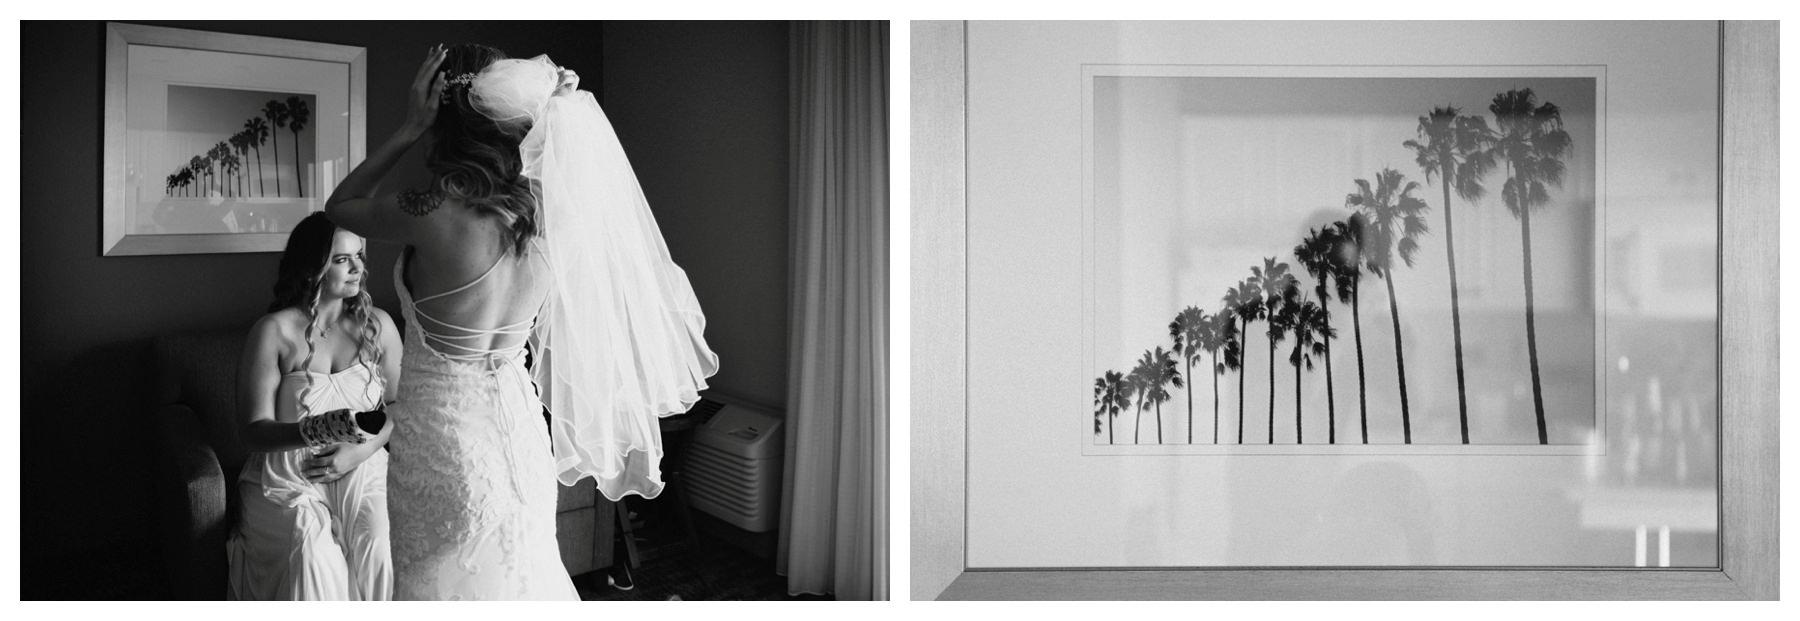 Coronado_Beach_Wedding_Singler_Photography_0010.jpg